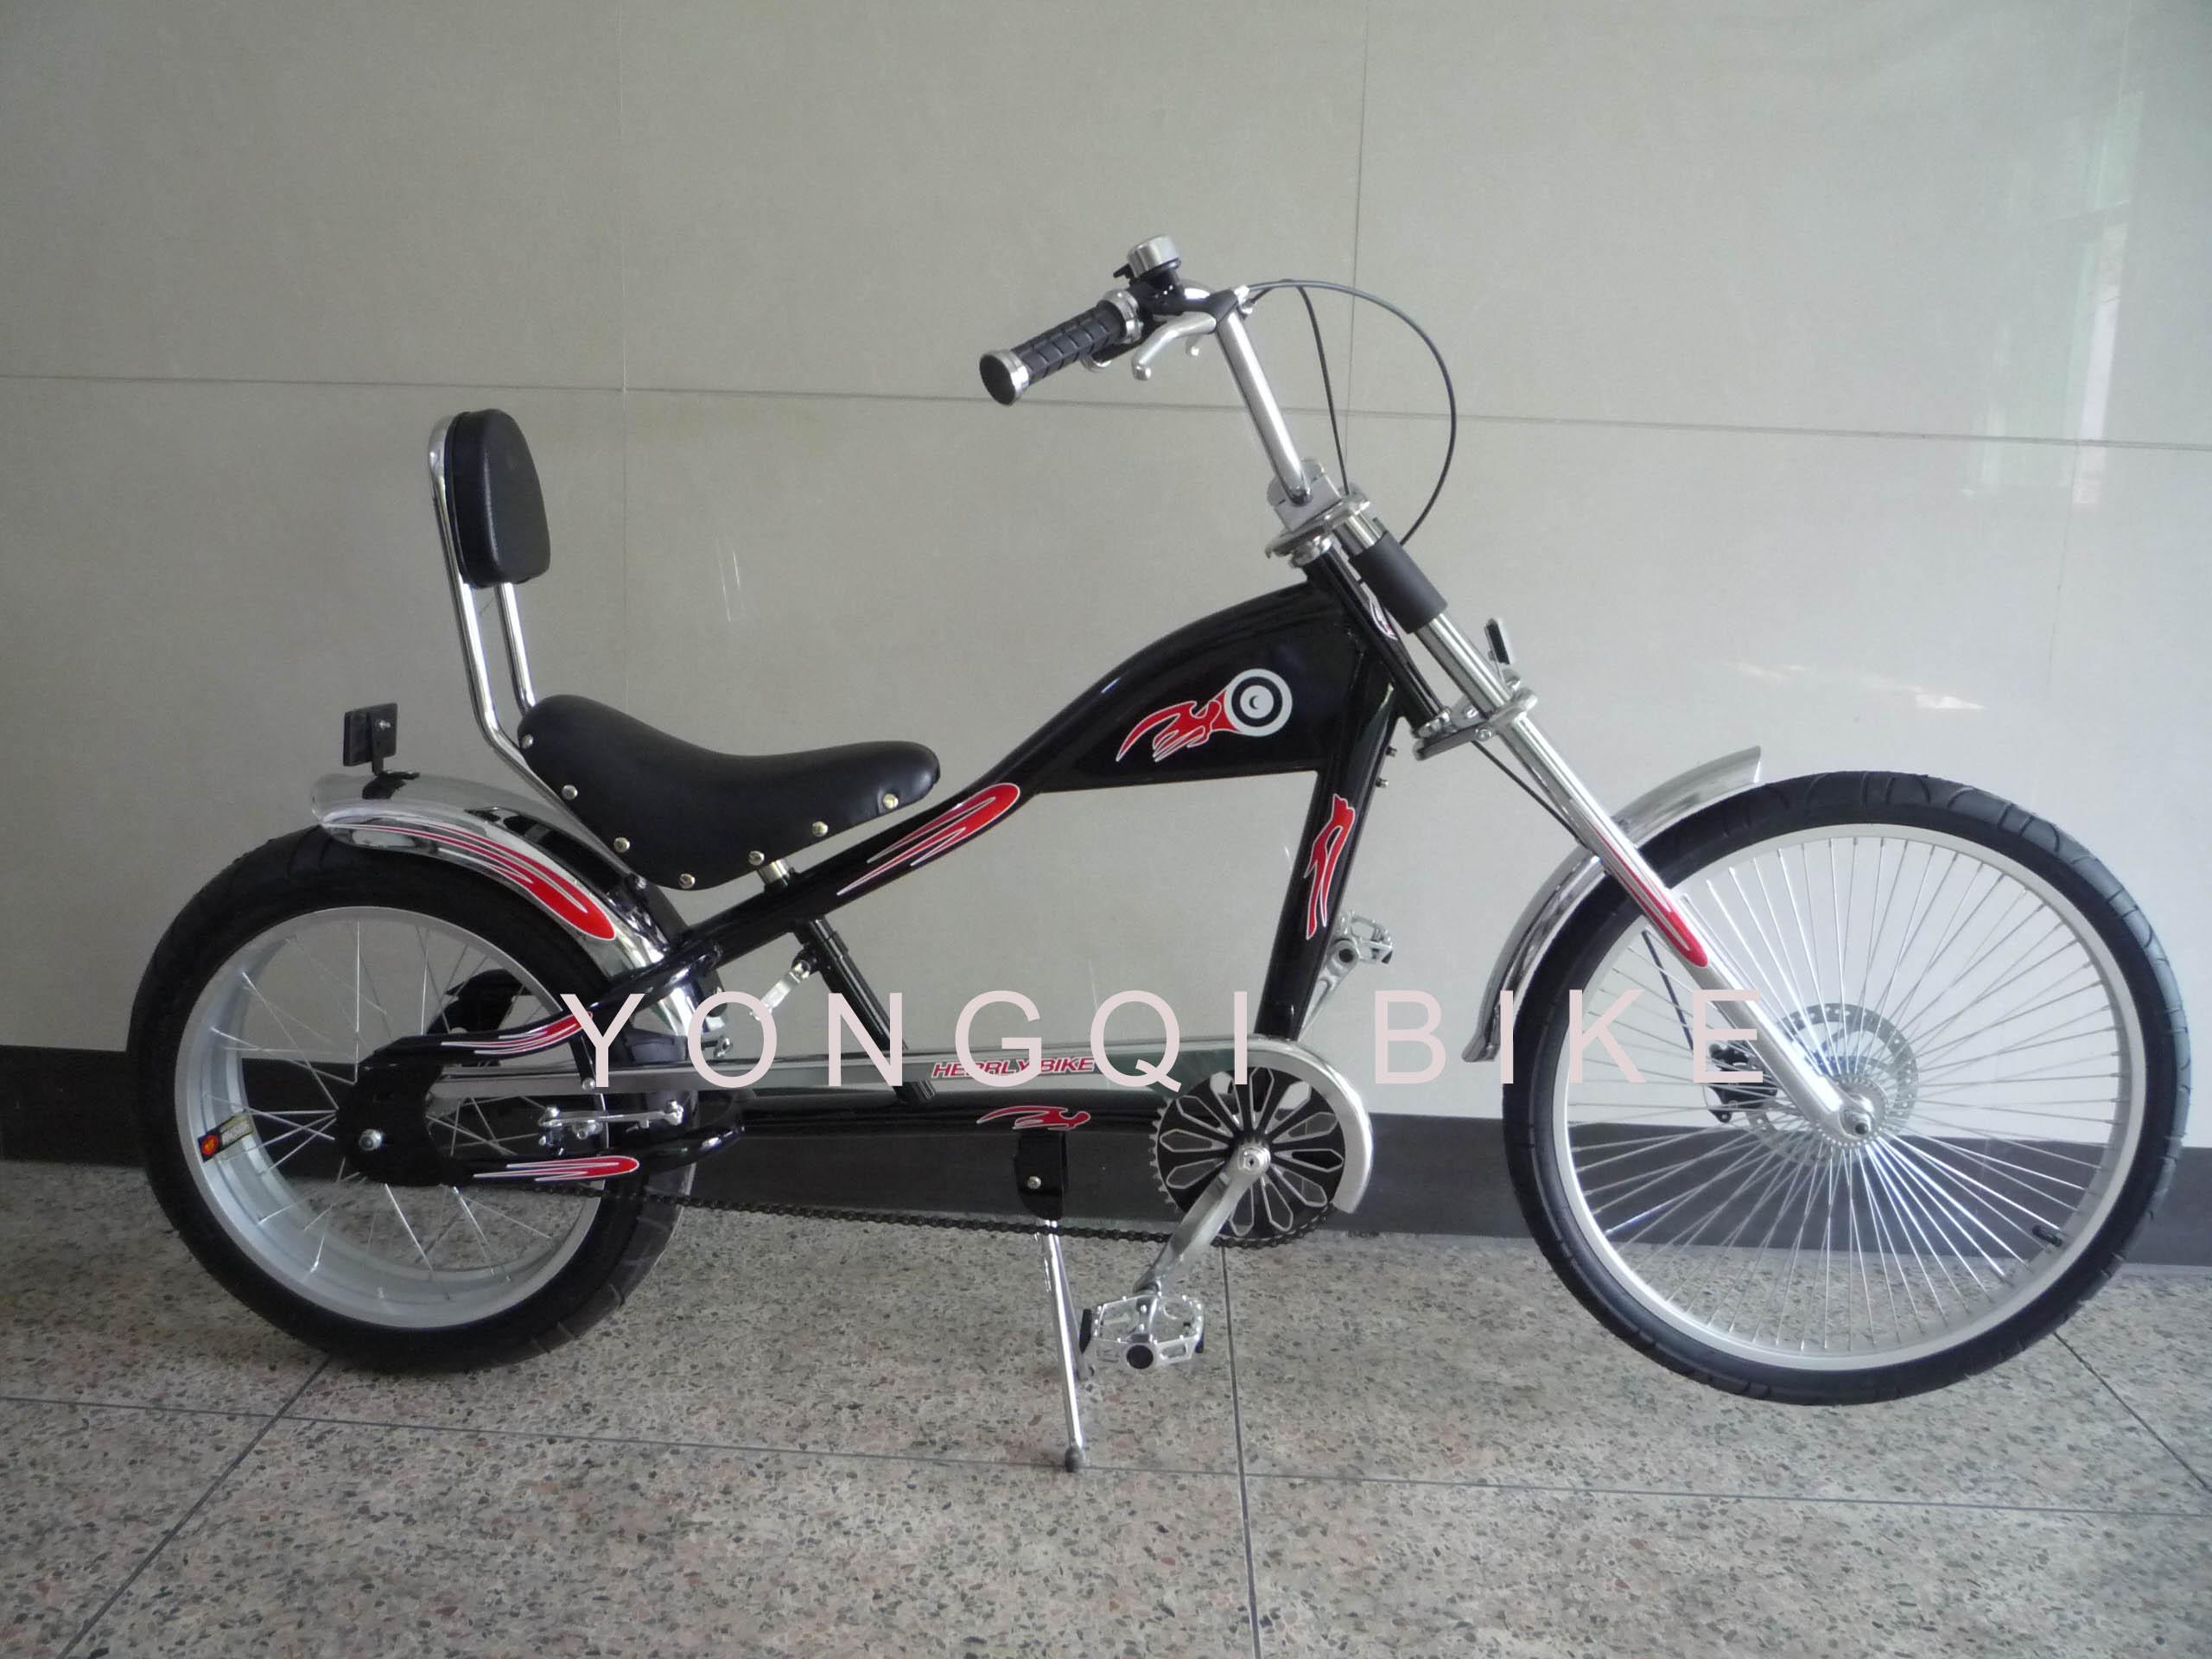 1080.00元包邮24寸哈雷沙滩自行车 哈雷车太子车休闲自行车 复古车